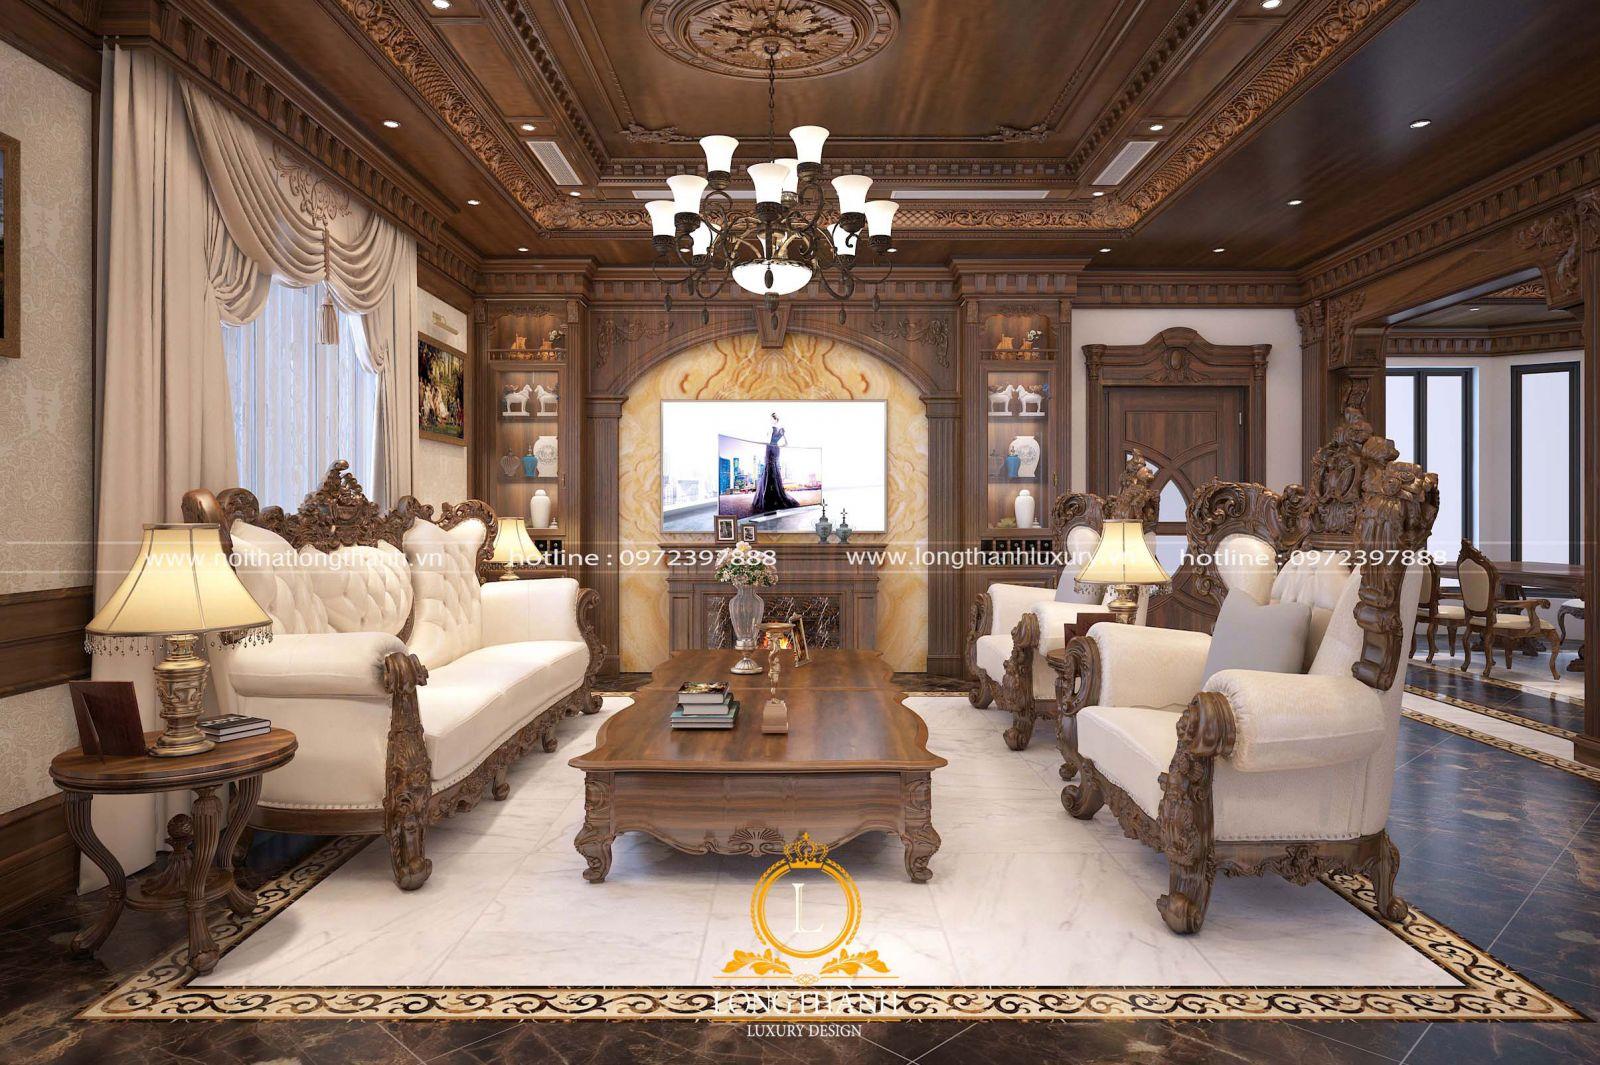 Nội thất phòng khách tân cổ điển với rèm cửa sử dụng chất liệu cao cấp